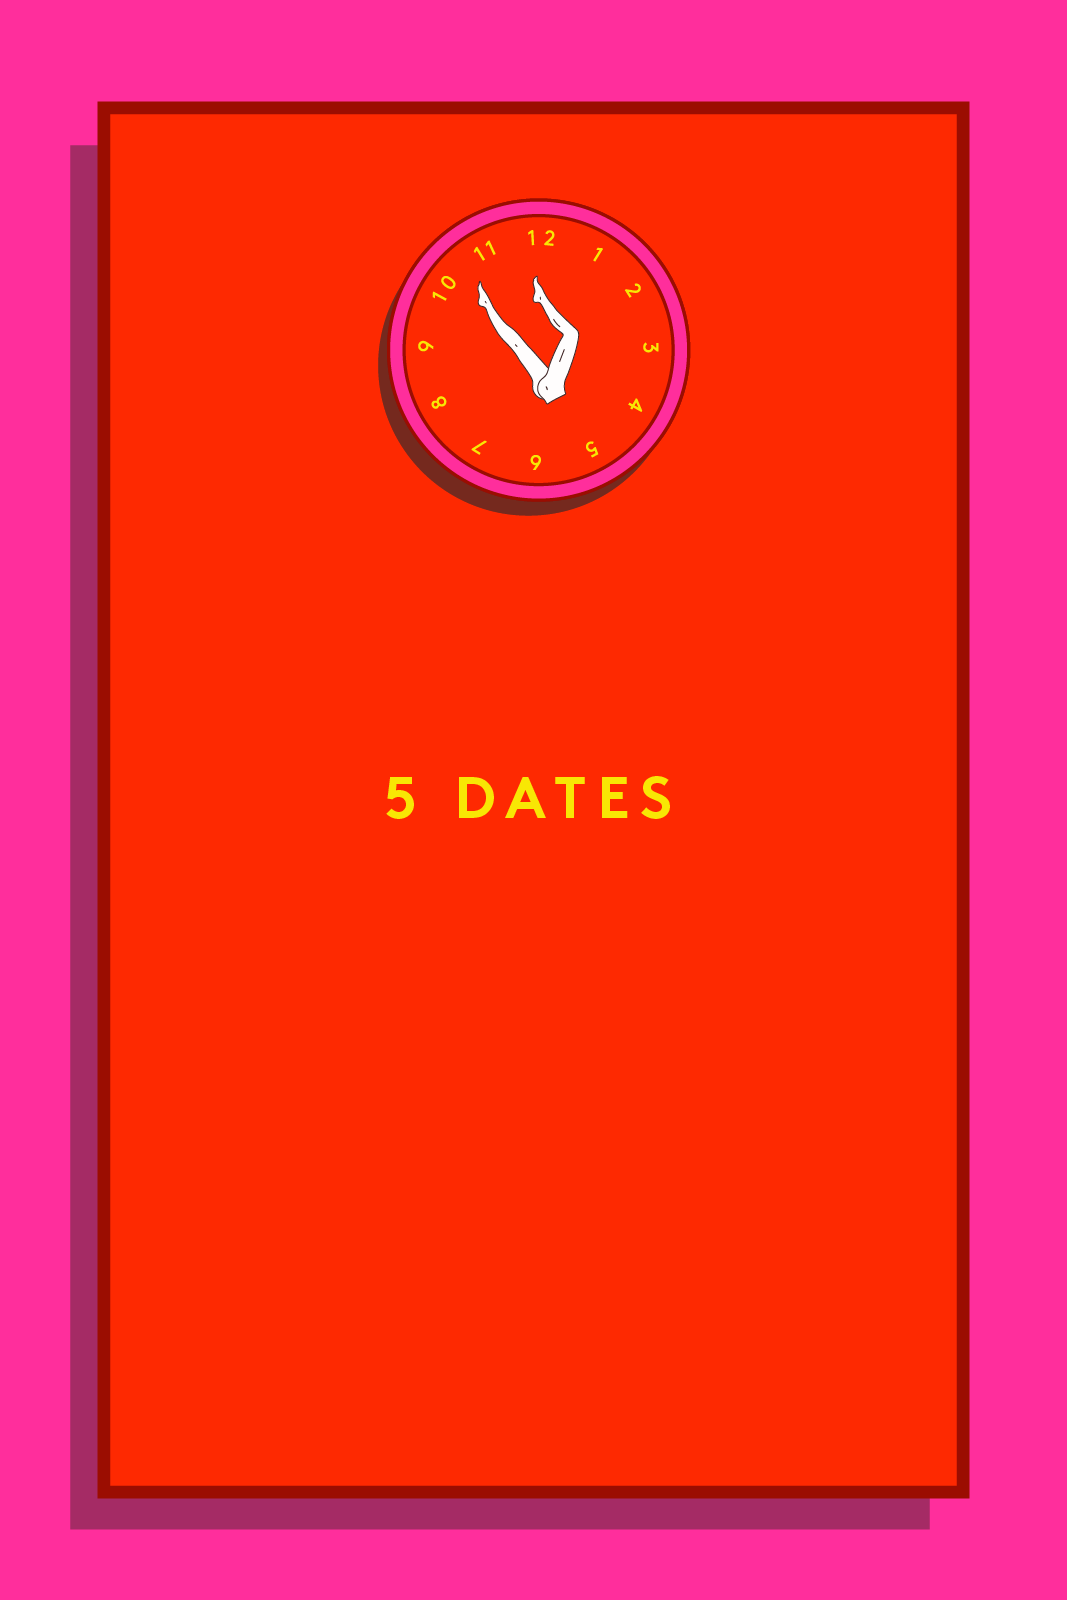 Wie lange sollte ich warten, bevor ich wieder mit dem Dating beginne